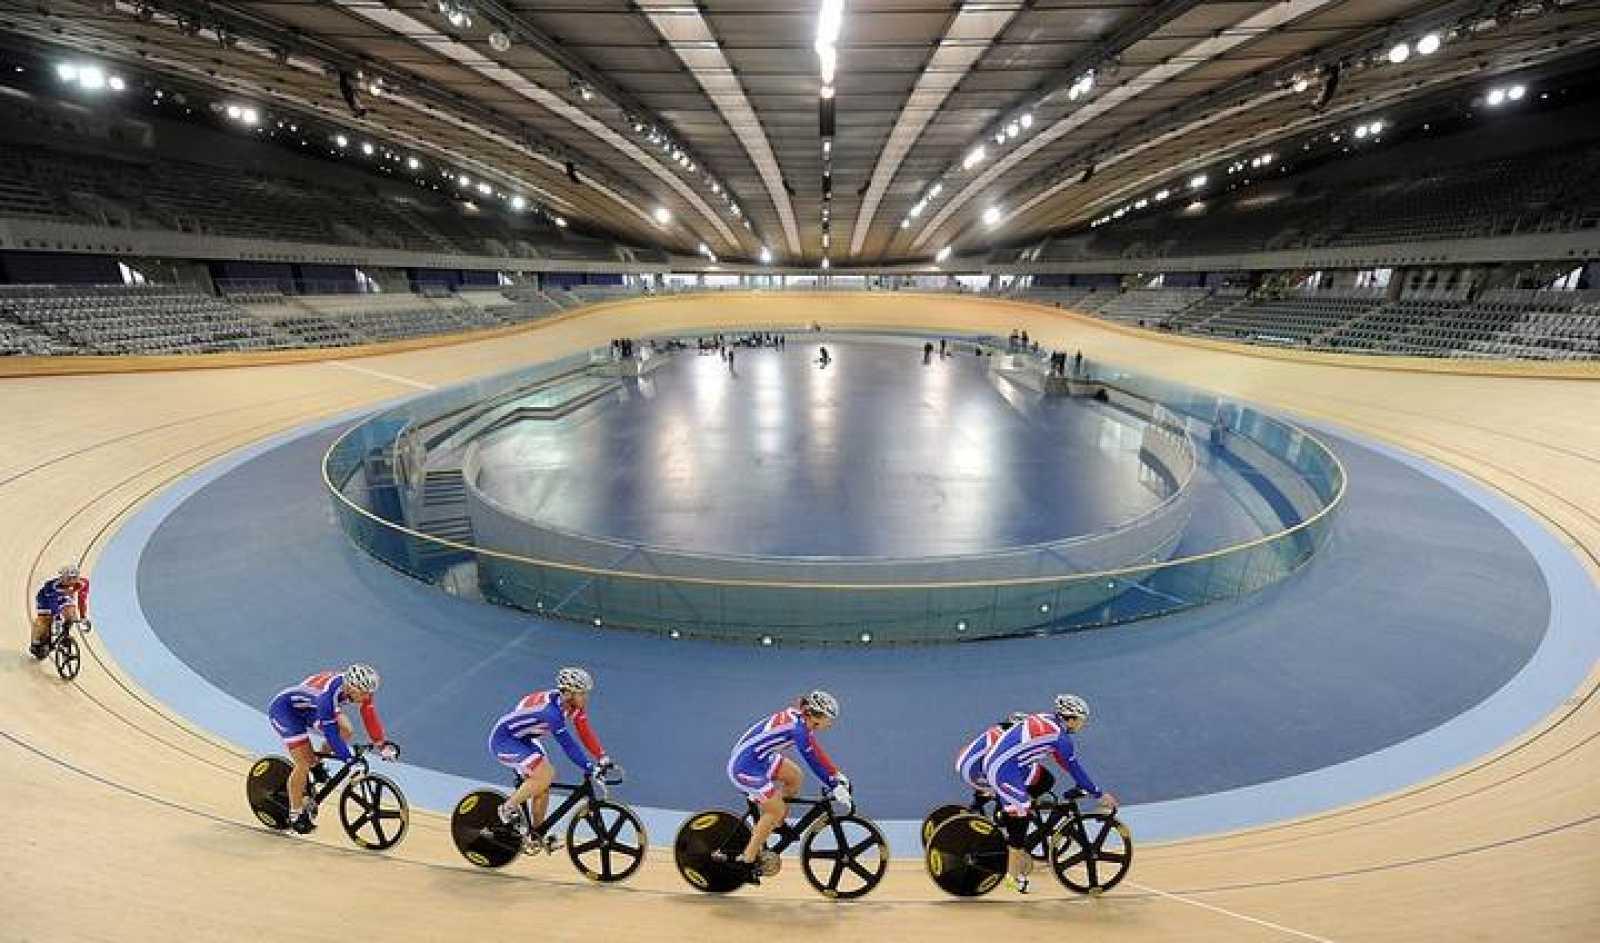 En el velódromo olímpico, unos ciclistas comprueban las instalaciones y su equipamiento. El ciclismo es uno de los deportes en los que la tecnología resulta clave: se aprovecha del análisis aerodinámico y de todo tipo de mejoras técnicas para rebajar